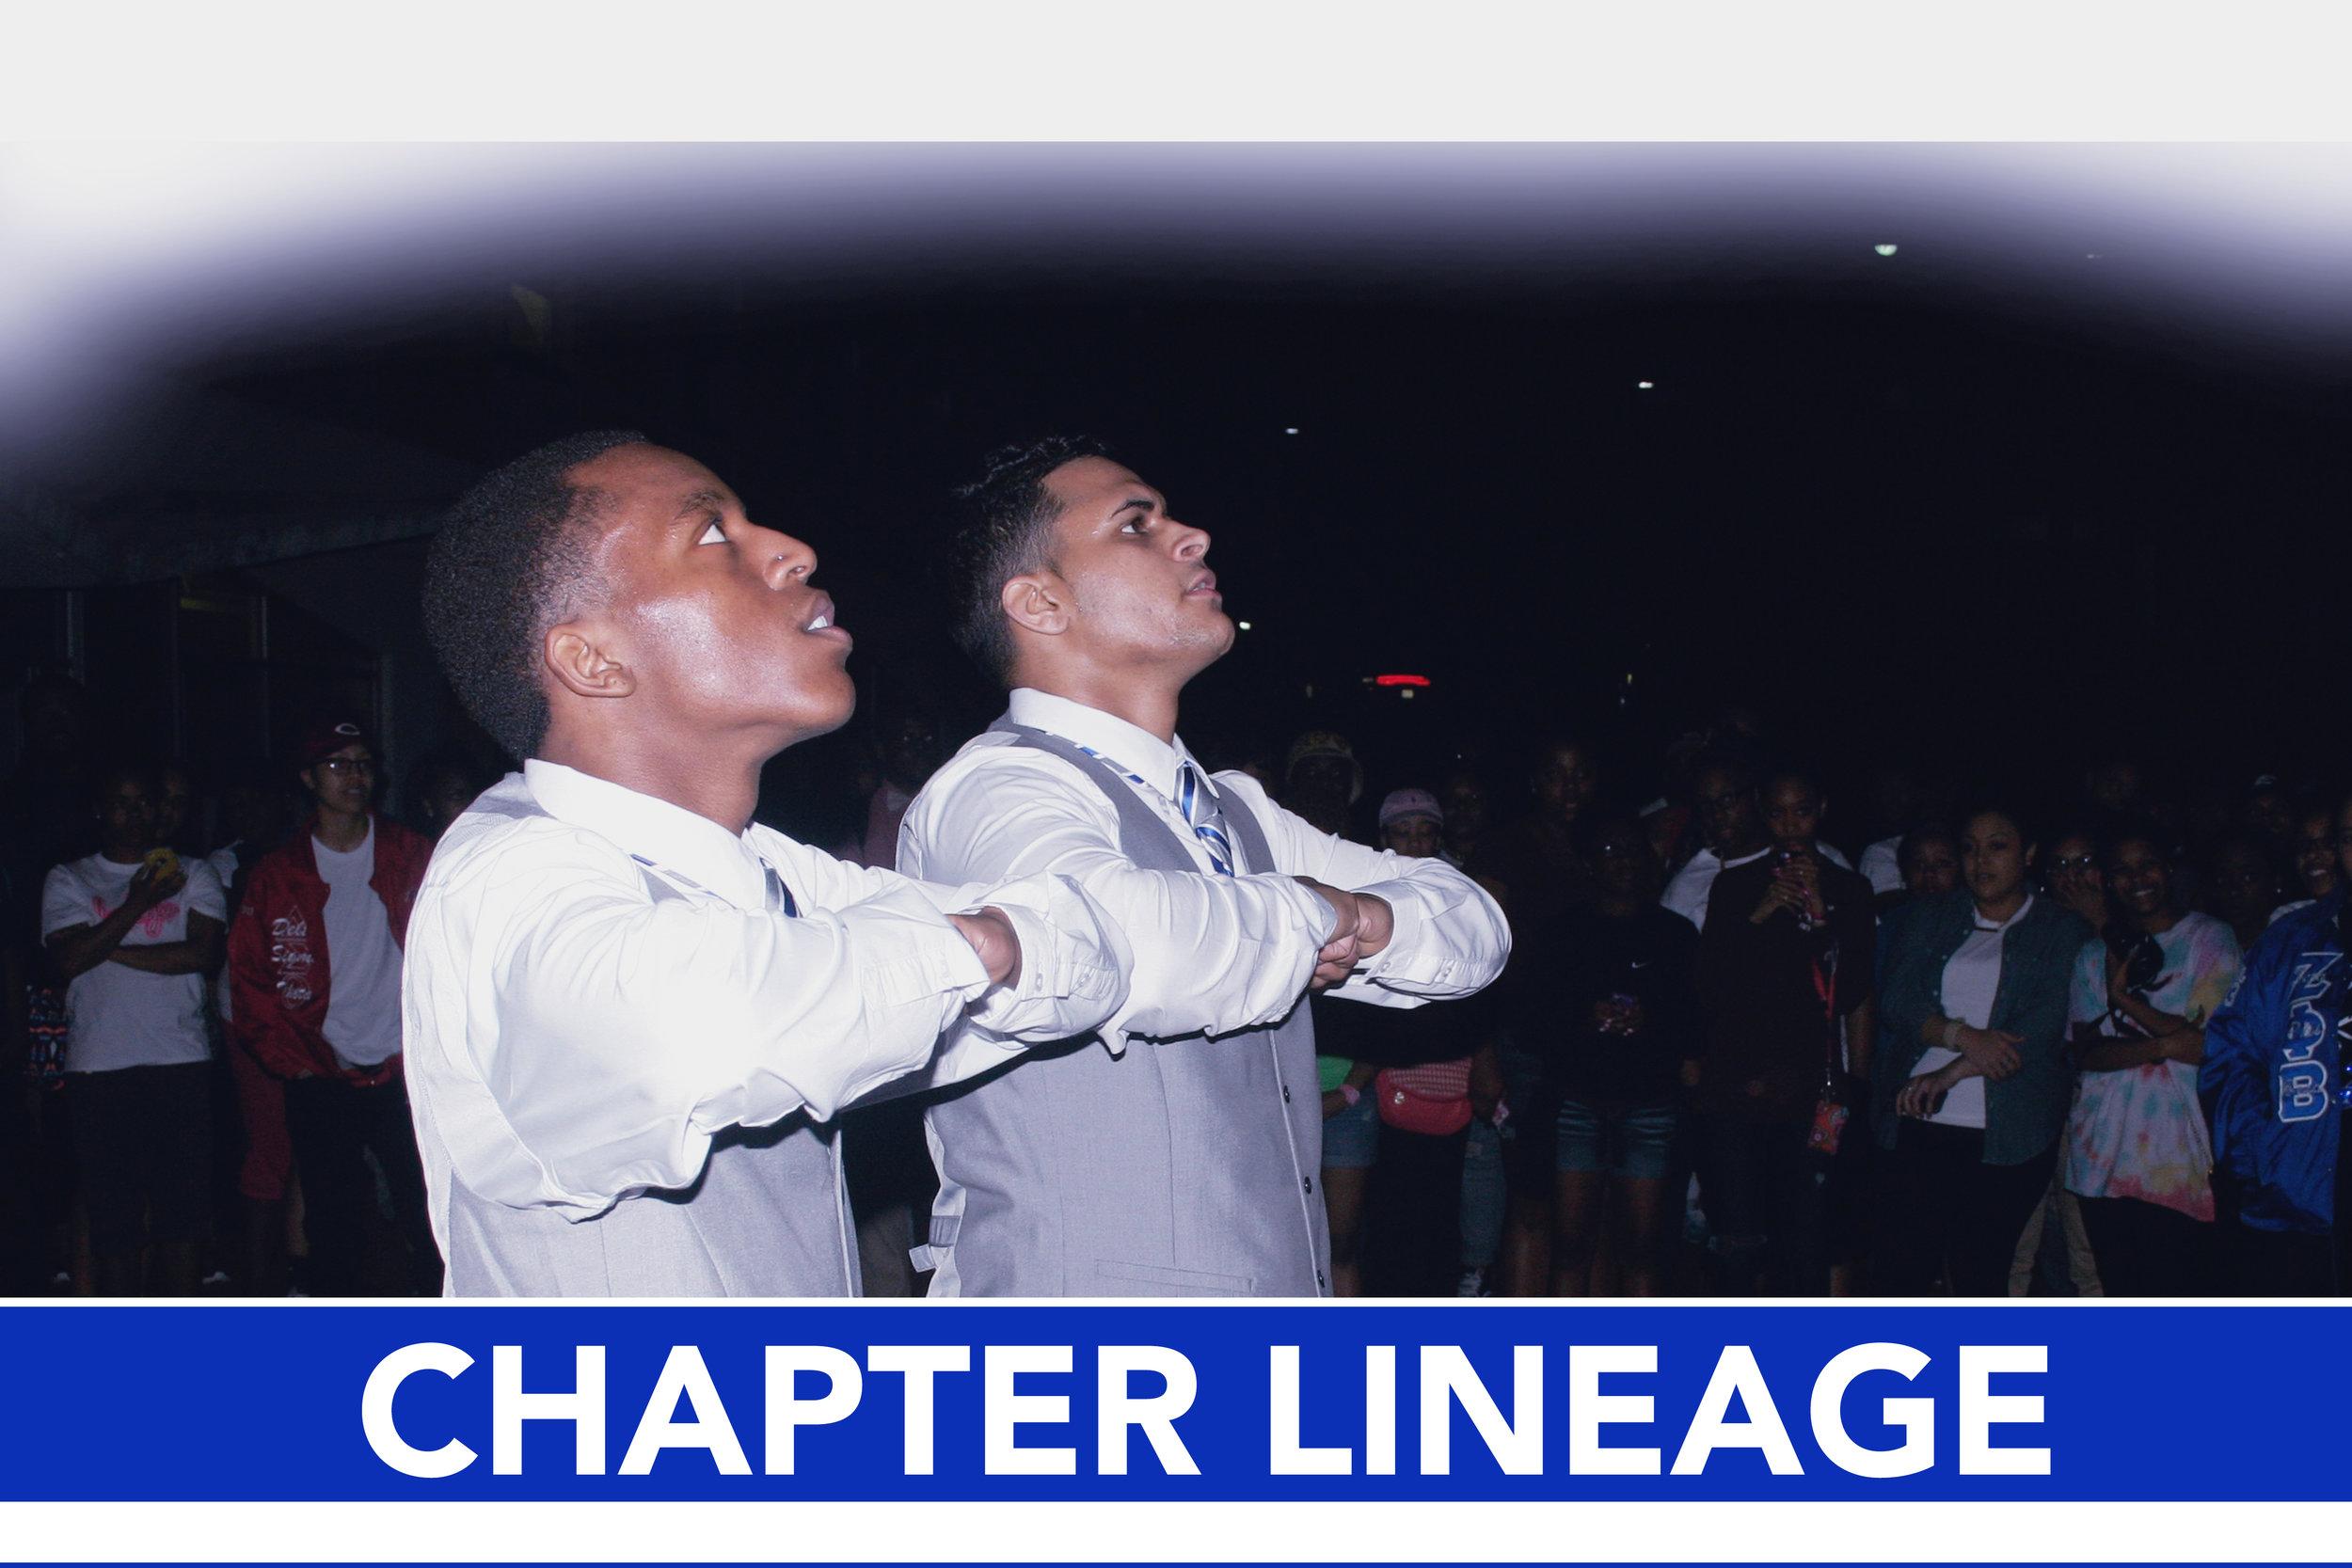 chapterlineage2.jpg